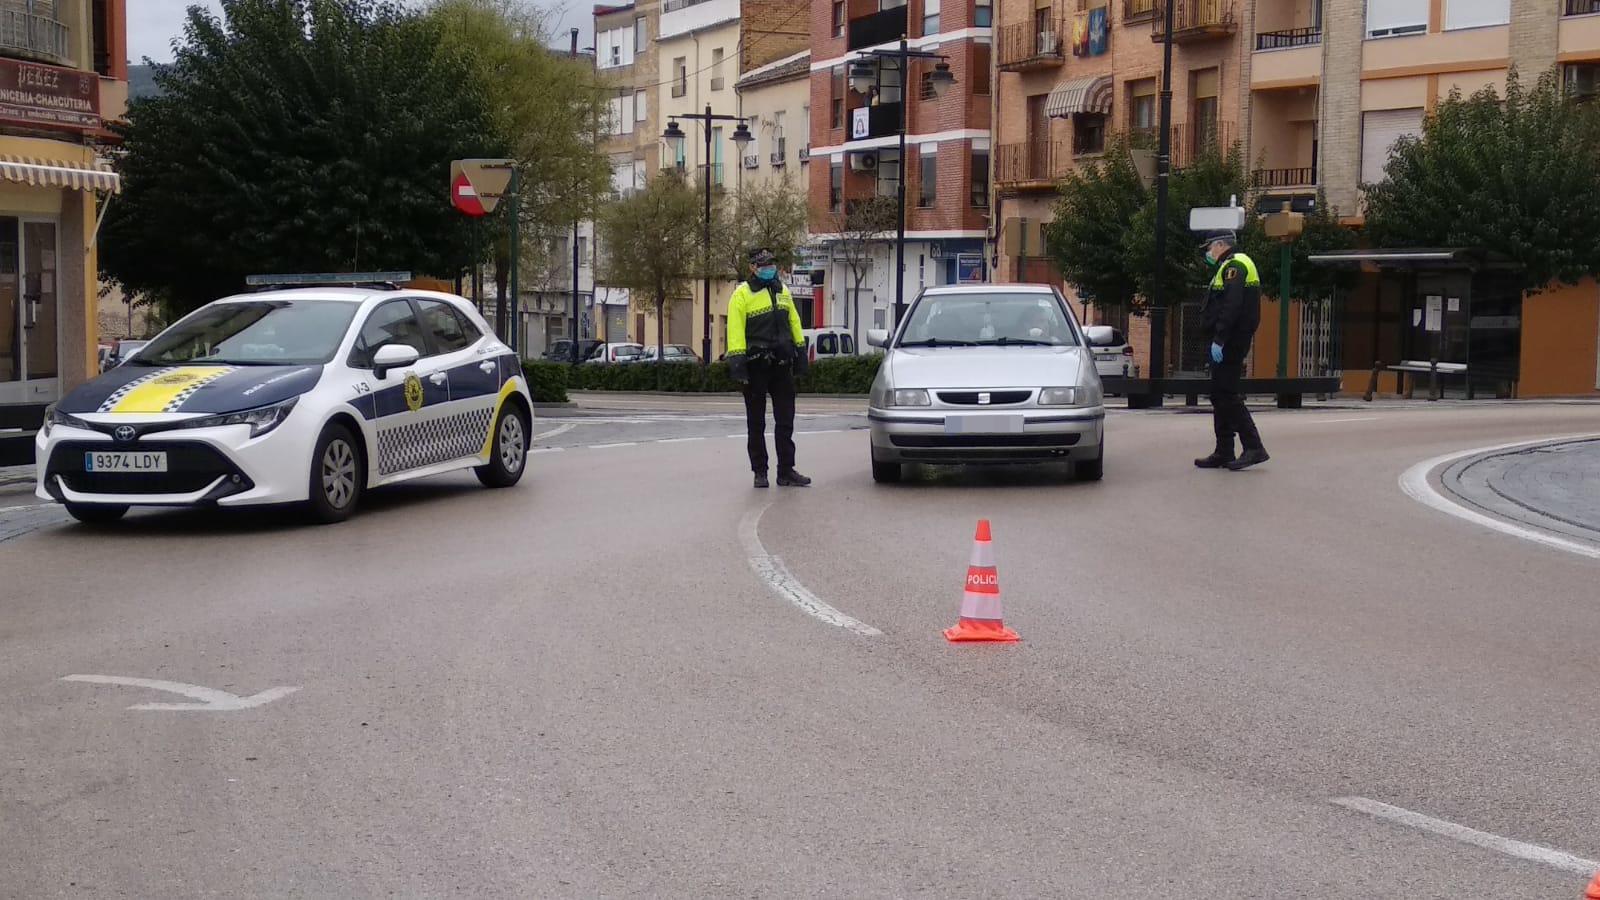 154 denúncies des de l'inici de l'Estat d'Alarma a Ontinyent El Periòdic d'Ontinyent